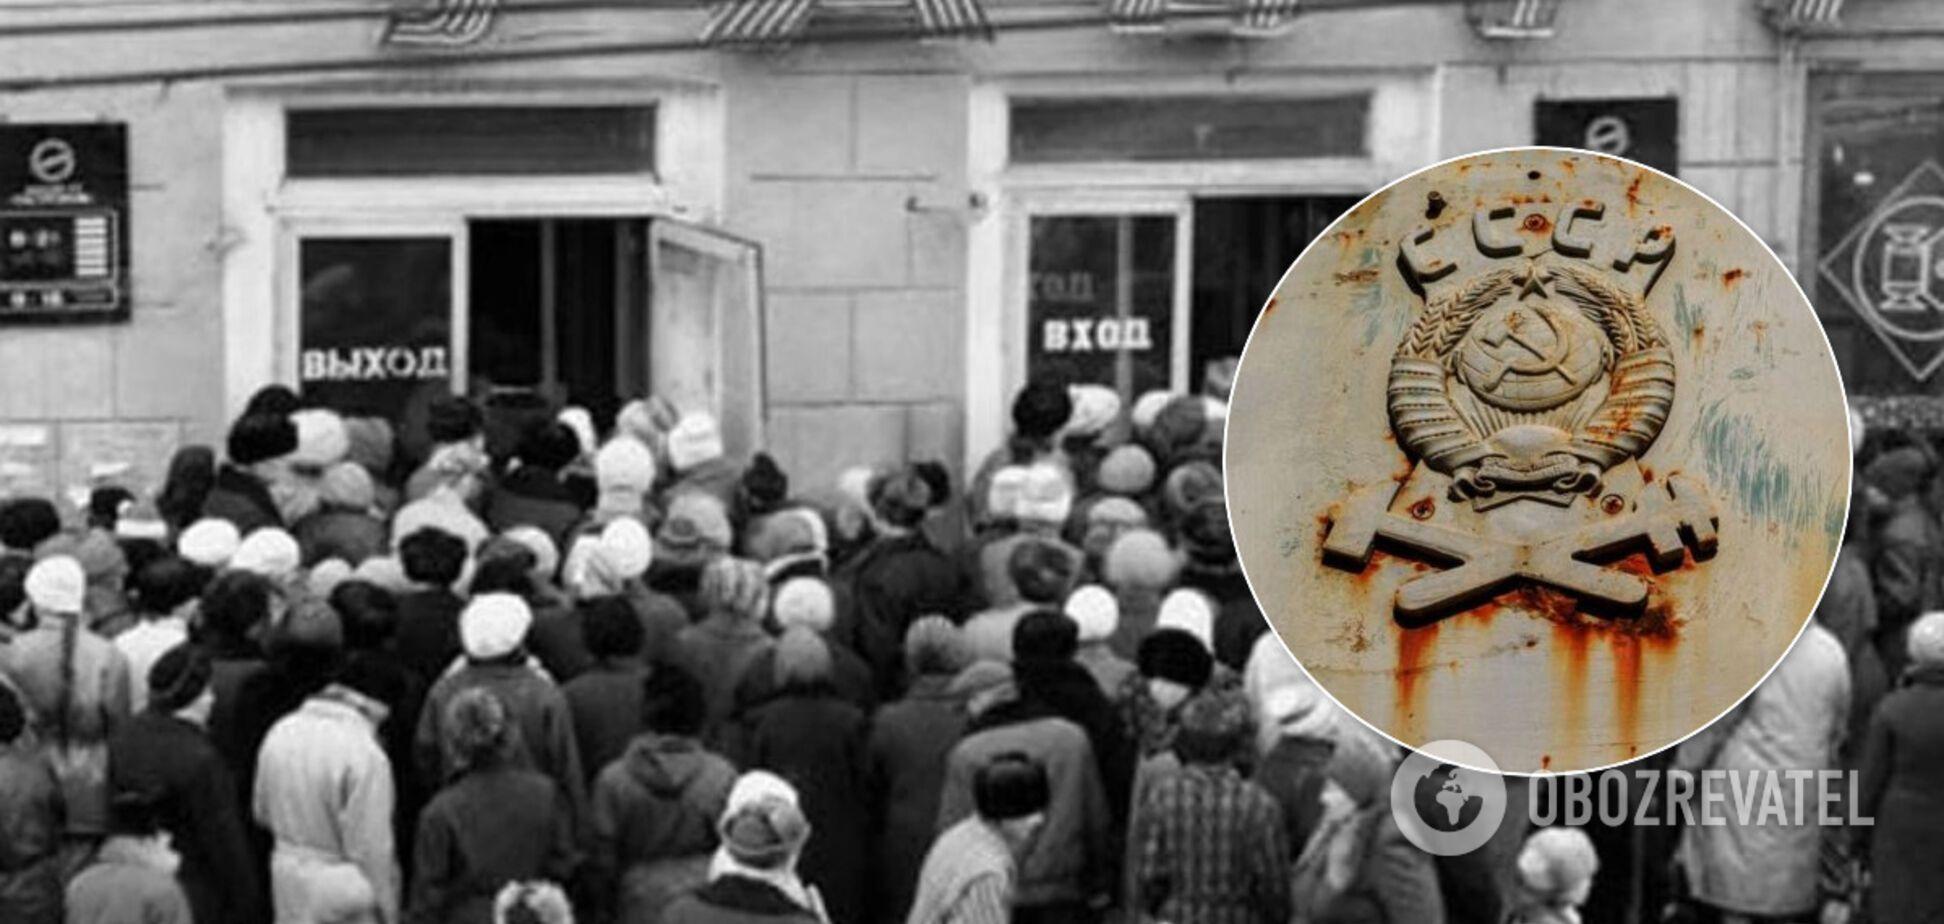 Гречка, джинси, ковбаса: в мережі згадали 7 речей, які були жорстким дефіцитом у СРСР